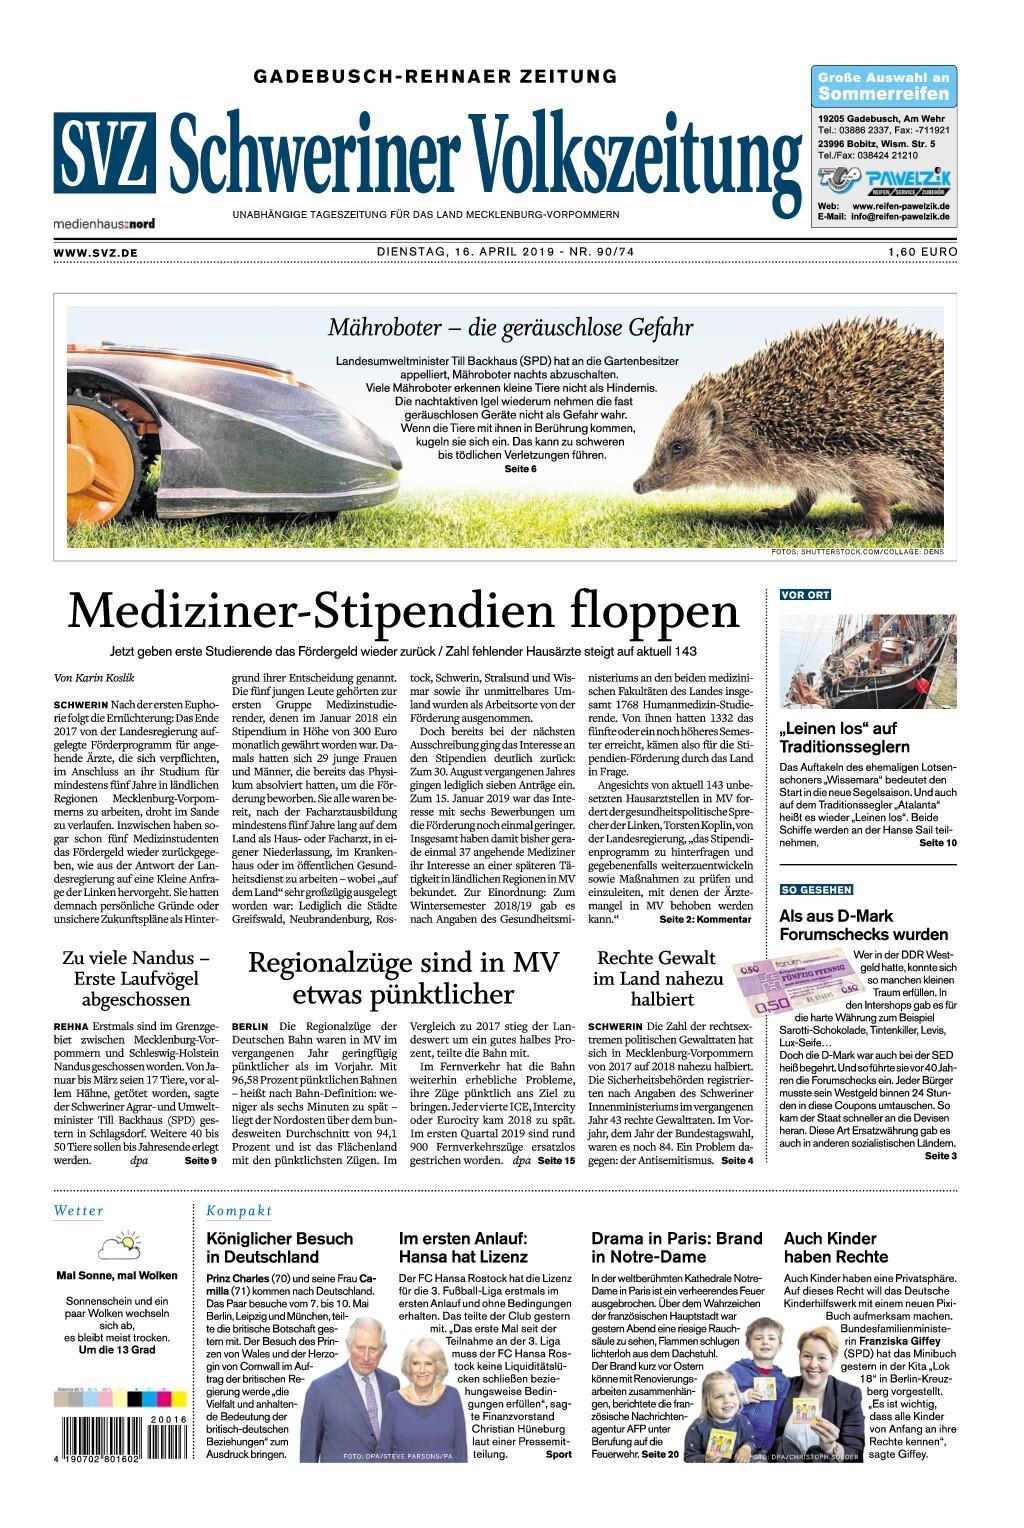 Schweriner Volkszeitung Gadebusch-Rehnaer Zeitung - 16. April 2019